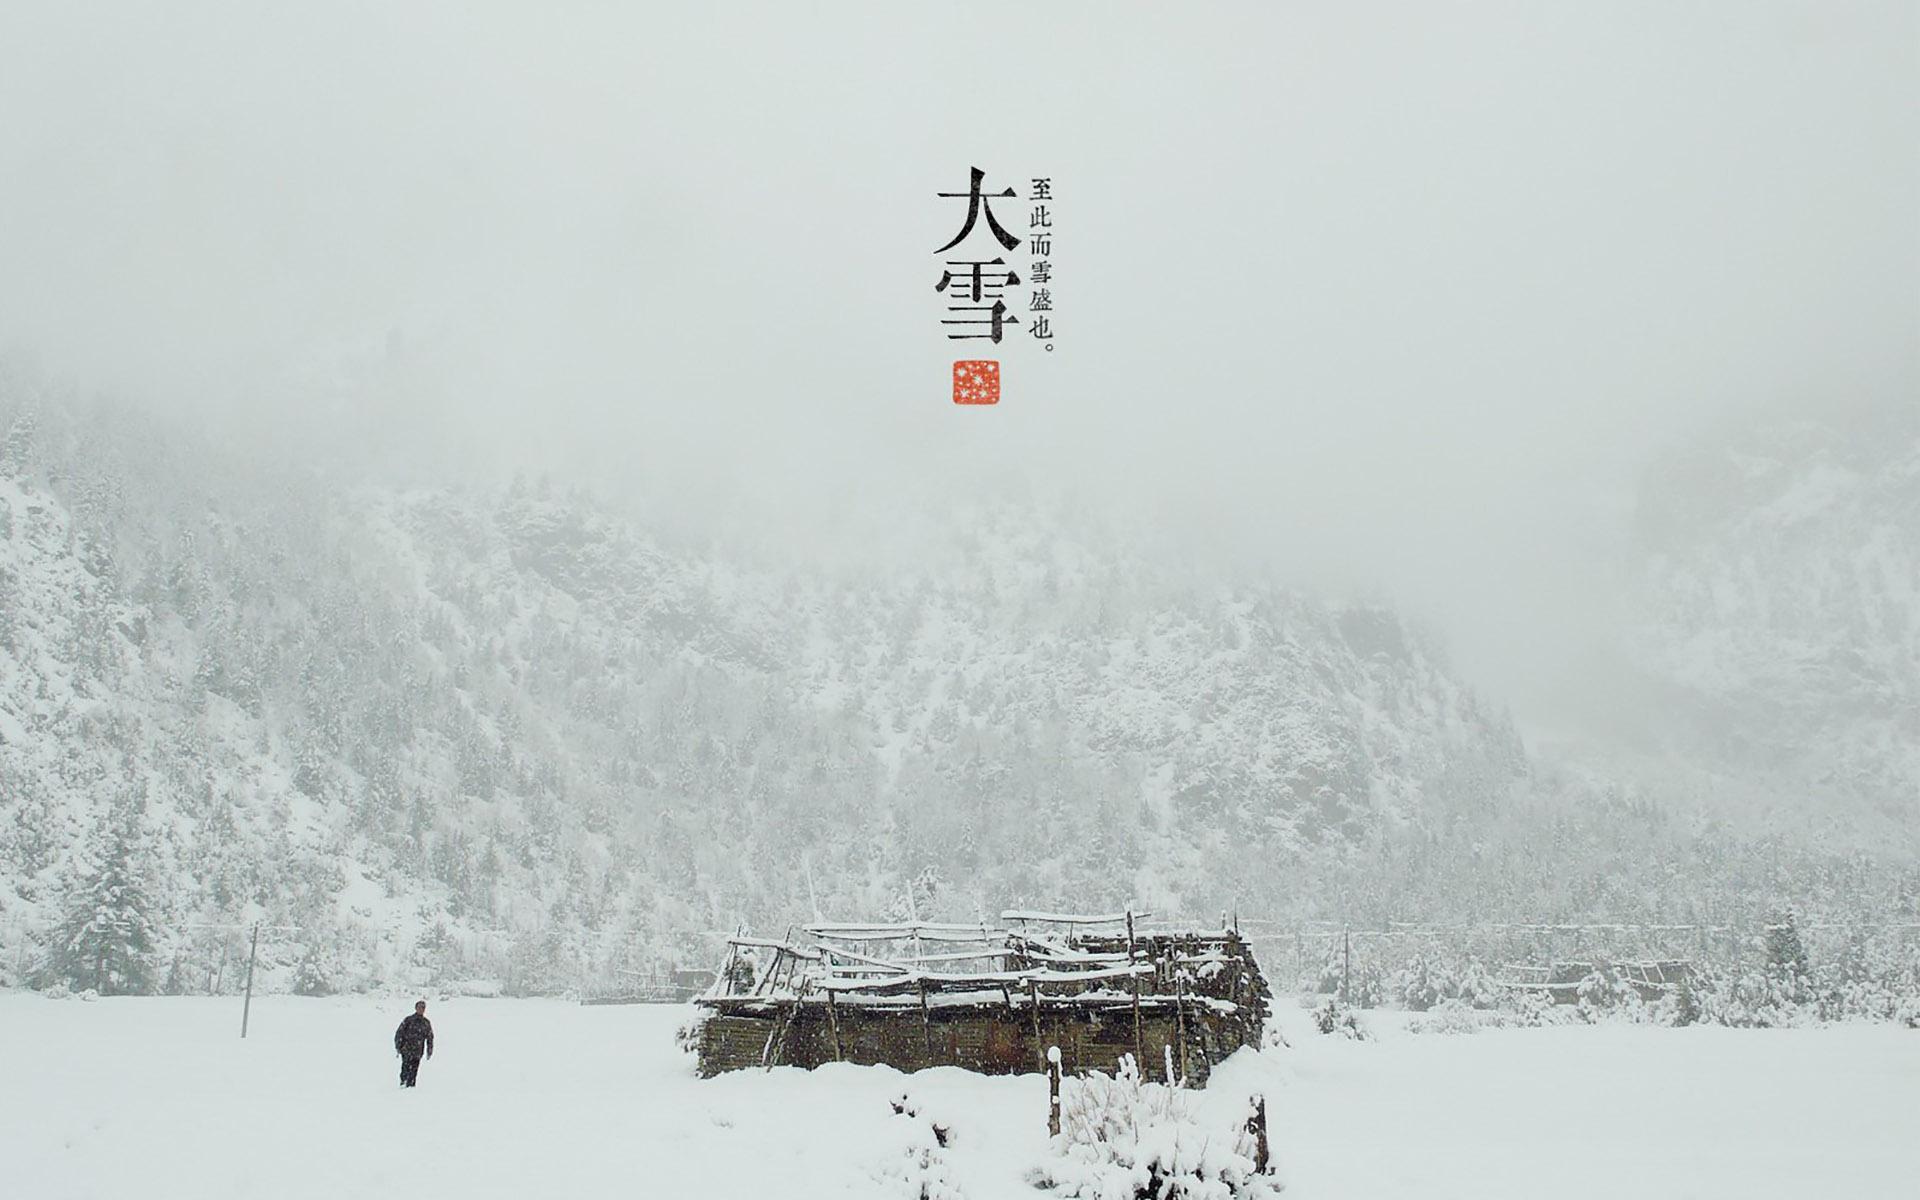 大雪_大雪节气介绍 - 二十四节气之大雪时间 - 24节气查询|二十四节气